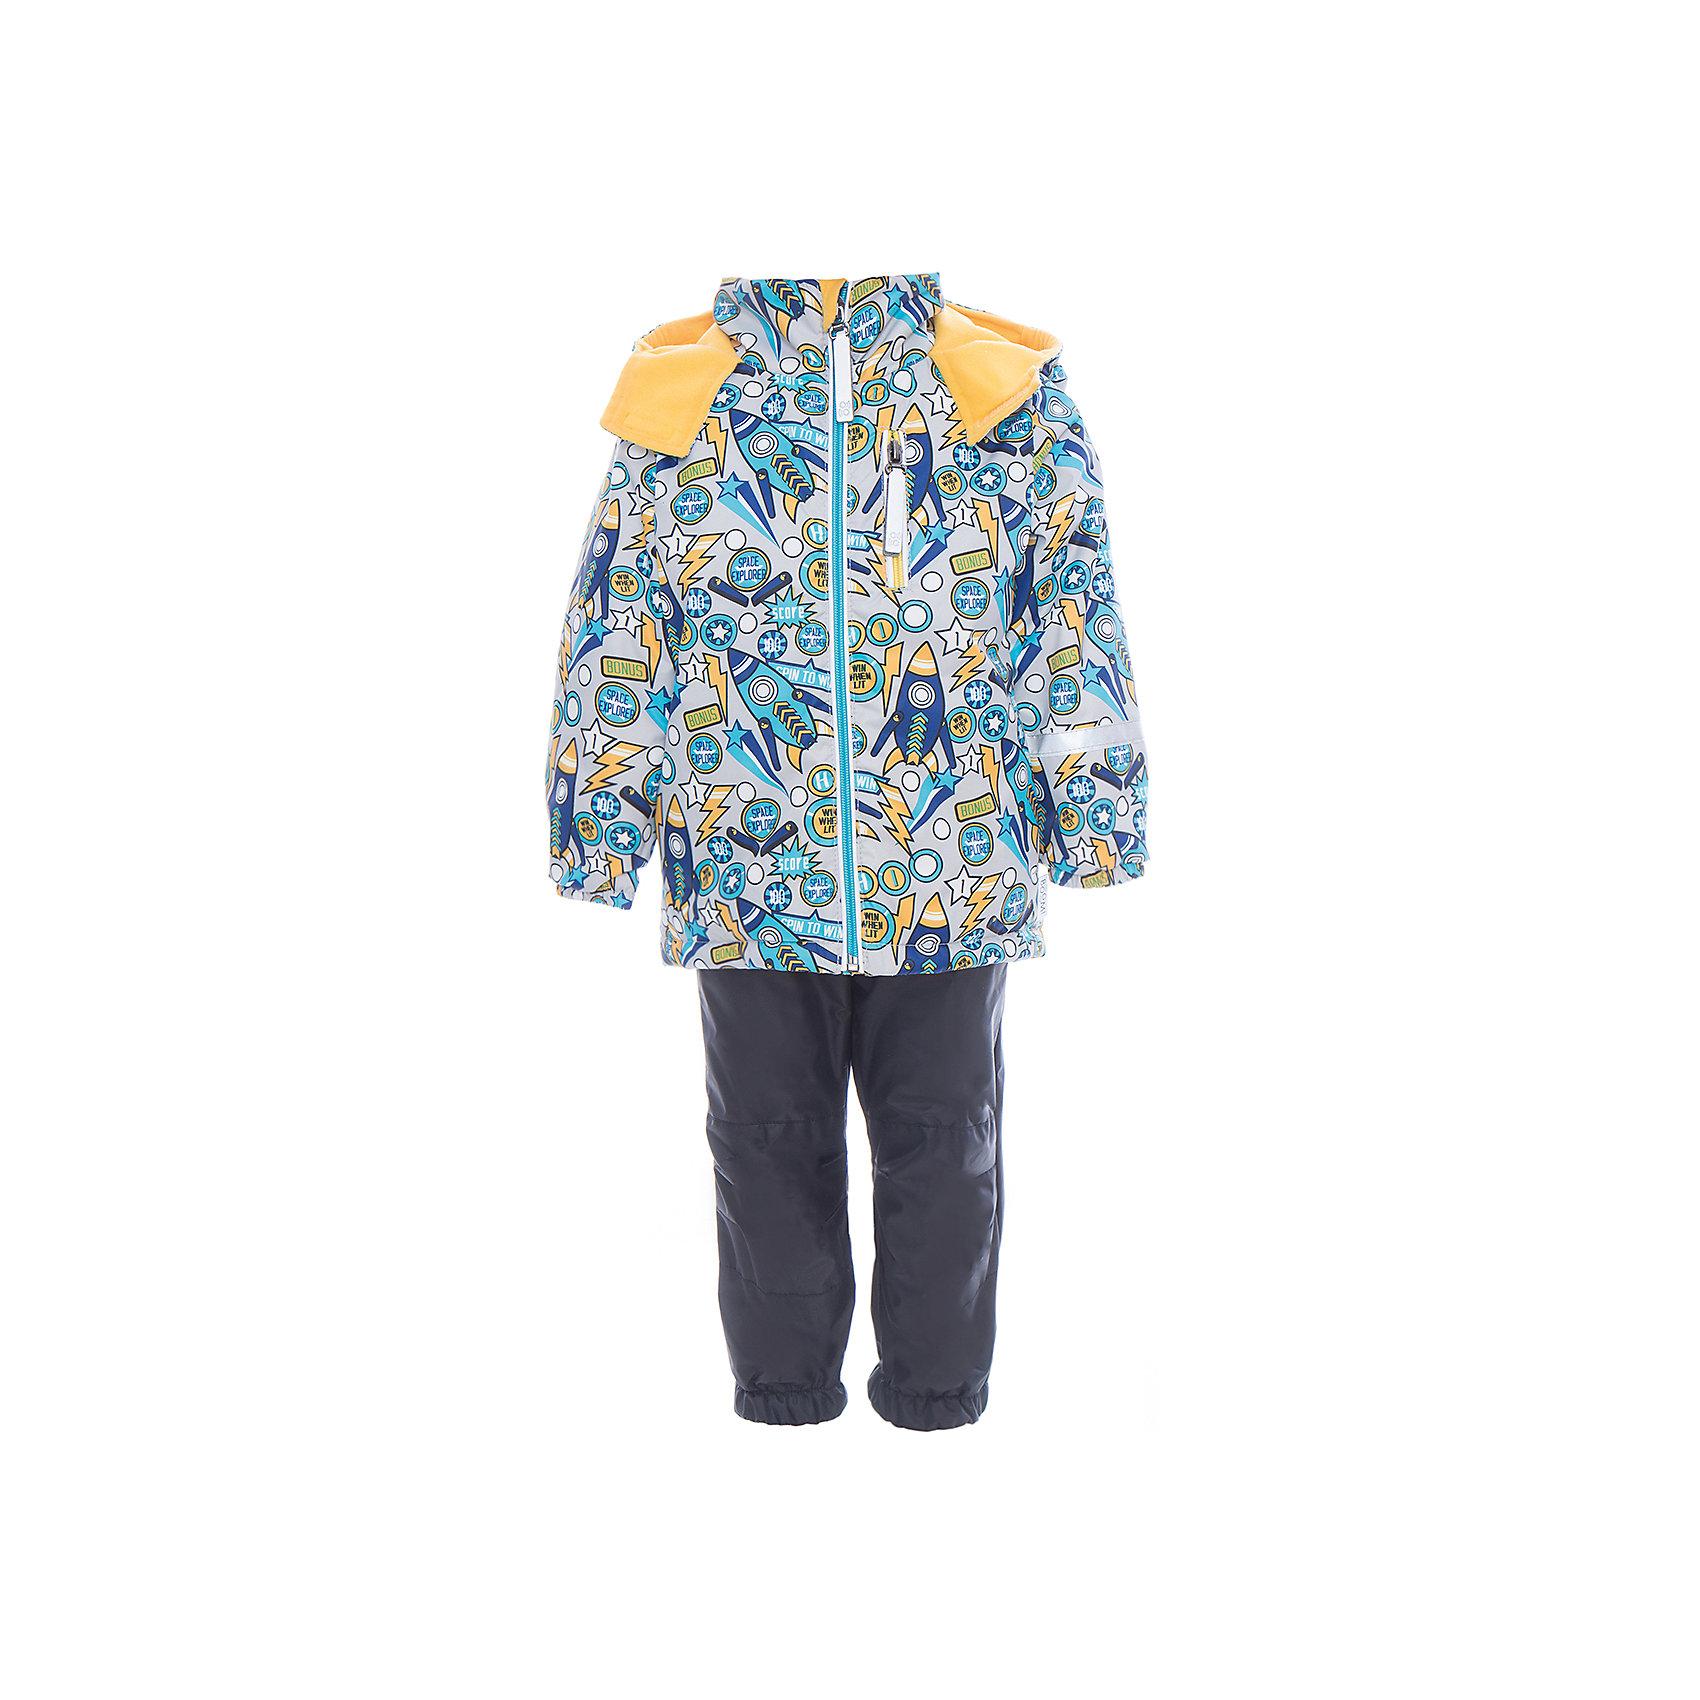 Комплект для мальчика BOOM by OrbyХарактеристики товара:<br><br>• цвет: серый<br>• курточка: верх - нейлон с мембранным покрытием 3000*3000, подкладка - поларфлис, полиэстер, утеплитель: FiberSoft 100 г/м2<br>• брюки: верх - нейлон с мембранным покрытием 3000*3000, подкладка - поларфлис<br>• комплектация: куртка, брюки<br>• температурный режим: от -5 С° до +10 С° <br>• эластичные регулируемые подтяжки<br>• застежка - молния<br>• куртка декорирована принтом<br>• капюшон<br>• силиконовые штрипки<br>• комфортная посадка<br>• страна производства: Российская Федерация<br>• страна бренда: Российская Федерация<br>• коллекция: весна-лето 2017<br><br>Такой комплект - универсальный вариант для межсезонья с постоянно меняющейся погодой. Эта модель - модная и удобная одновременно! Изделие отличается стильным ярким дизайном. Куртка и брюки хорошо сидят по фигуре, отлично сочетается с различной обувью. Модель была разработана специально для детей.<br><br>Одежда от российского бренда BOOM by Orby уже завоевала популярностью у многих детей и их родителей. Вещи, выпускаемые компанией, качественные, продуманные и очень удобные. Для производства коллекций используются только безопасные для детей материалы. Спешите приобрести модели из новой коллекции Весна-лето 2017! <br><br>Комплект для мальчика от бренда BOOM by Orby можно купить в нашем интернет-магазине.<br><br>Ширина мм: 356<br>Глубина мм: 10<br>Высота мм: 245<br>Вес г: 519<br>Цвет: черный<br>Возраст от месяцев: 72<br>Возраст до месяцев: 84<br>Пол: Мужской<br>Возраст: Детский<br>Размер: 122,92,80,86,104,98,110,116<br>SKU: 5342817